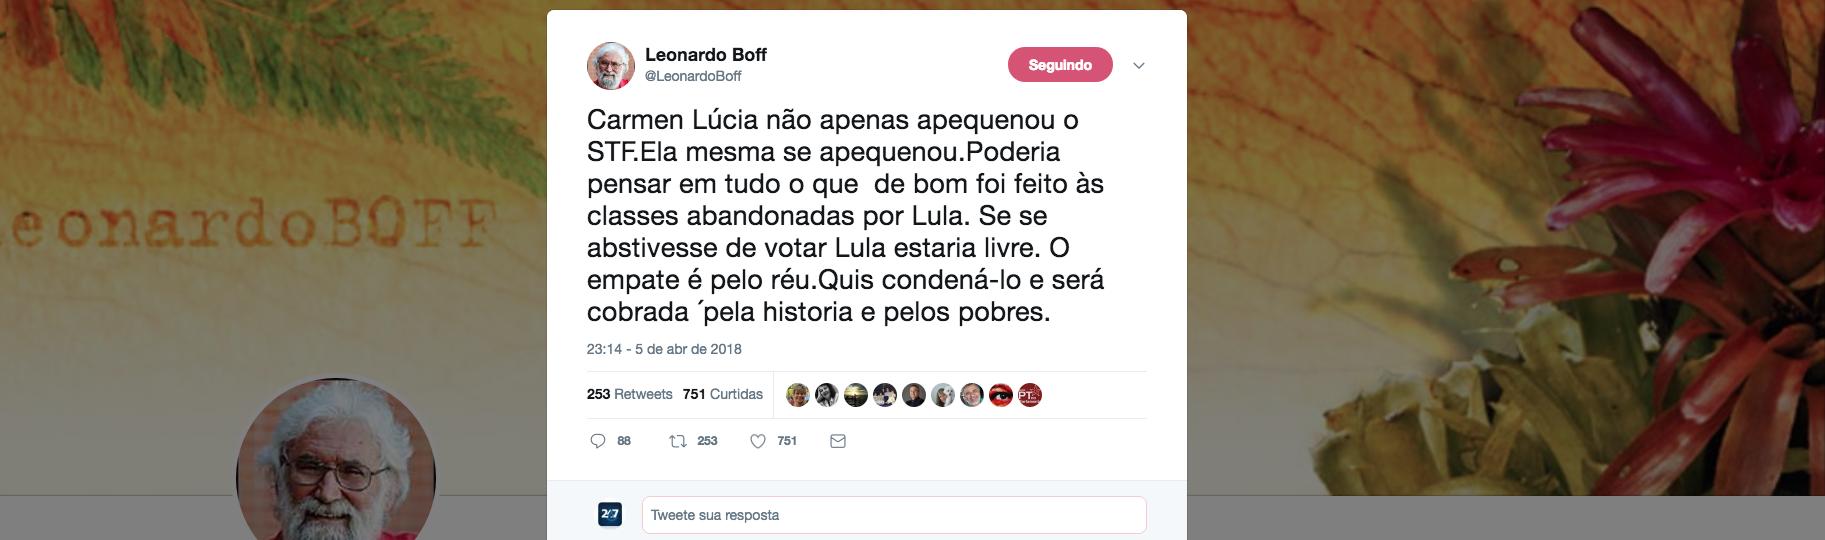 O teólogo Leonardo Boff diz que Cármen Lúcia, presidente do STF, é a responsável pela prisão ilegal do ex-presidente Lula e diz que ela será cobrada não apenas pela história, mas também pelos mais pobres, que são as principais vítimas do golpe de 2016 no Brasil, e que prossegue com a caçada a Lula